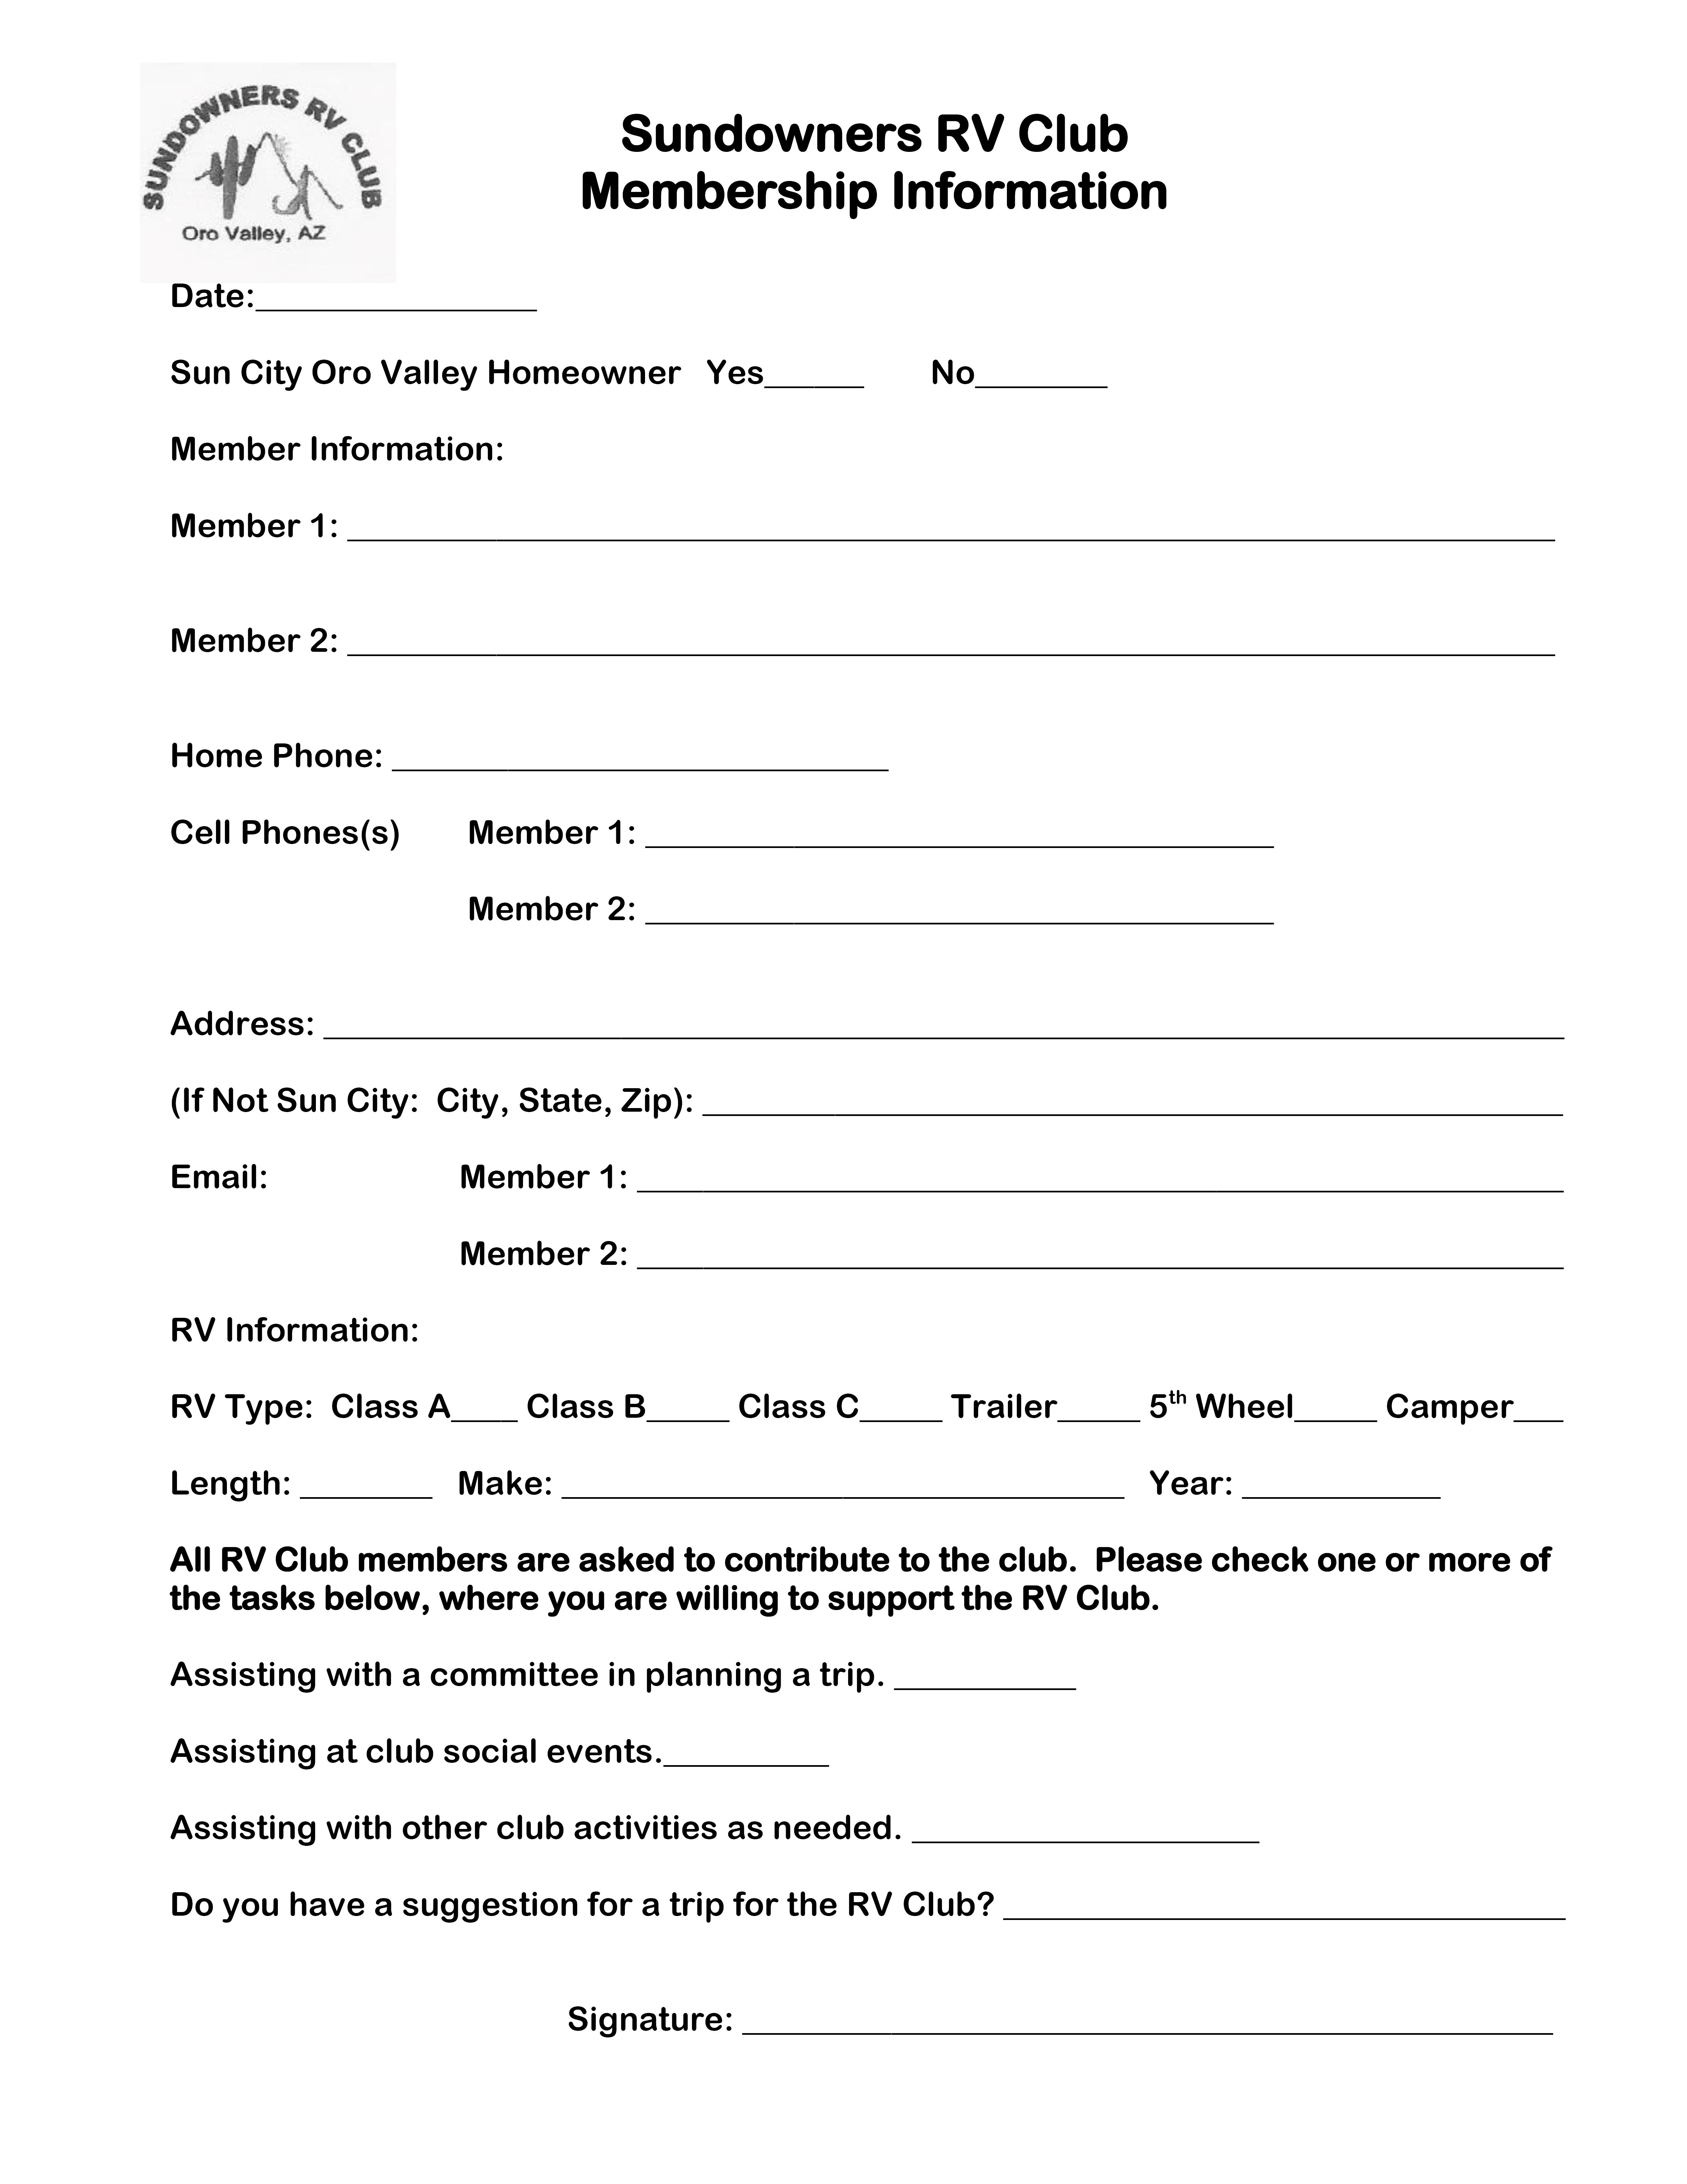 Sundowners RV Club - Membership Application